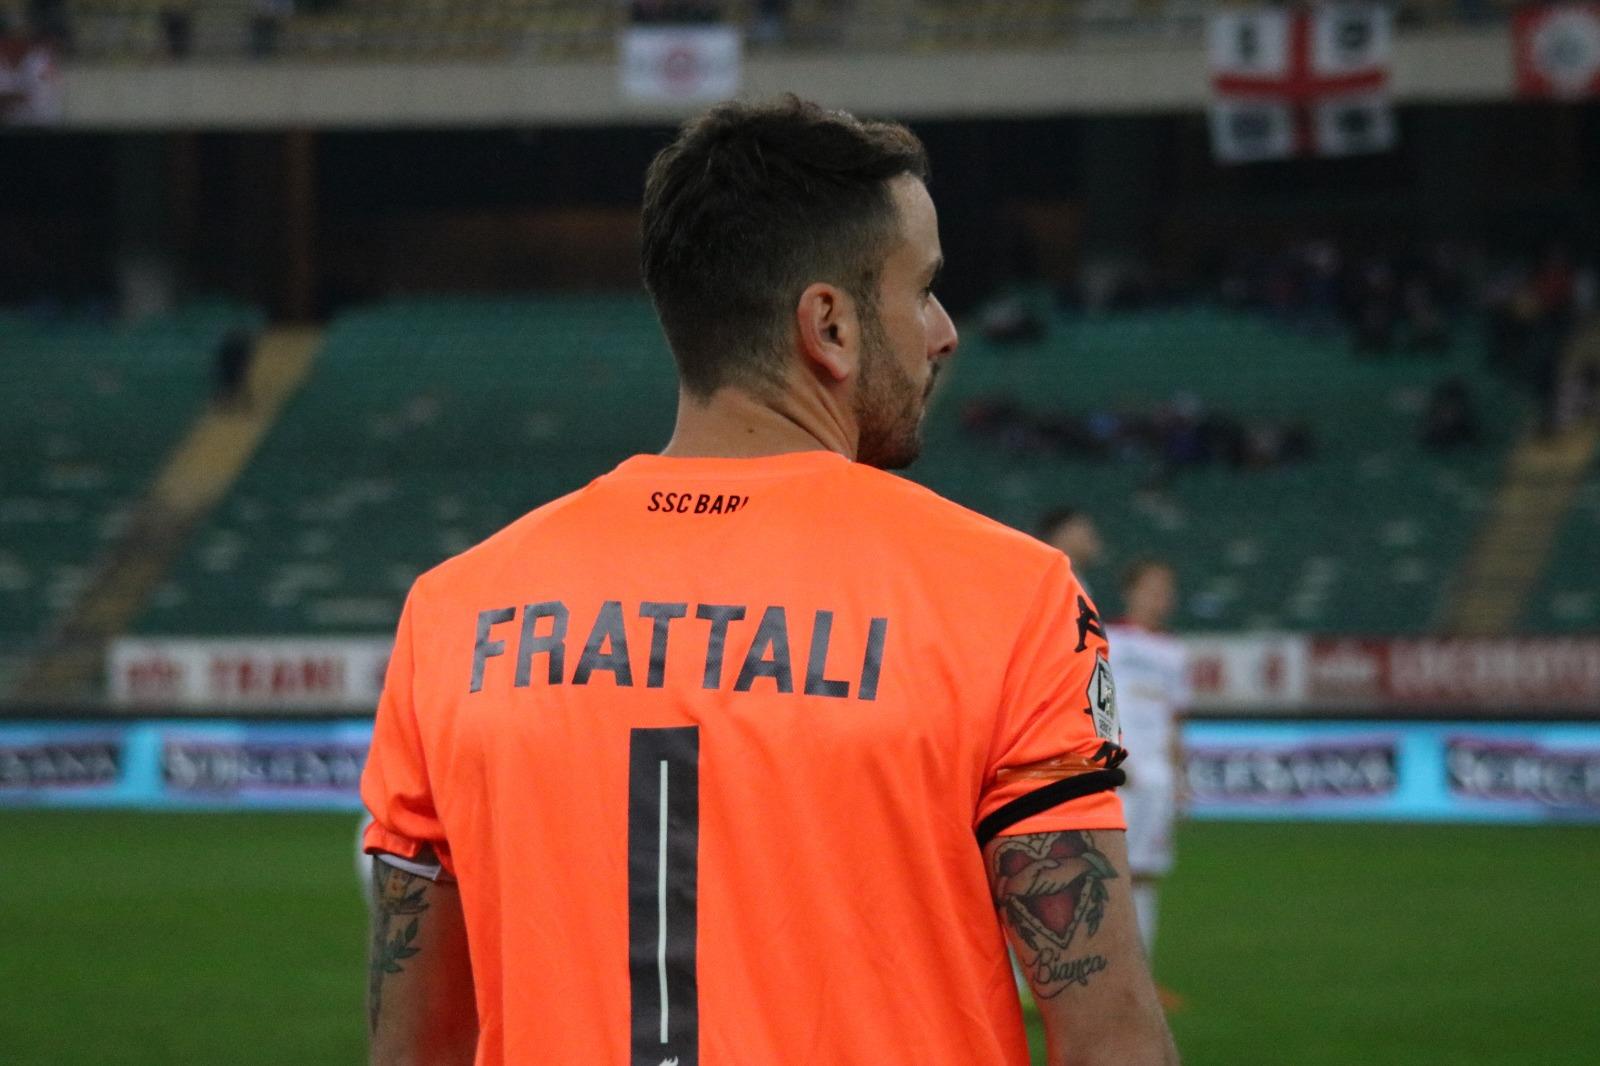 Quarti playoff - Sofferenza prevedibile, ma è semifinale! Bari-Ternana-1-1, commenti e pagelle  Bari-potenza-1-6-frattali